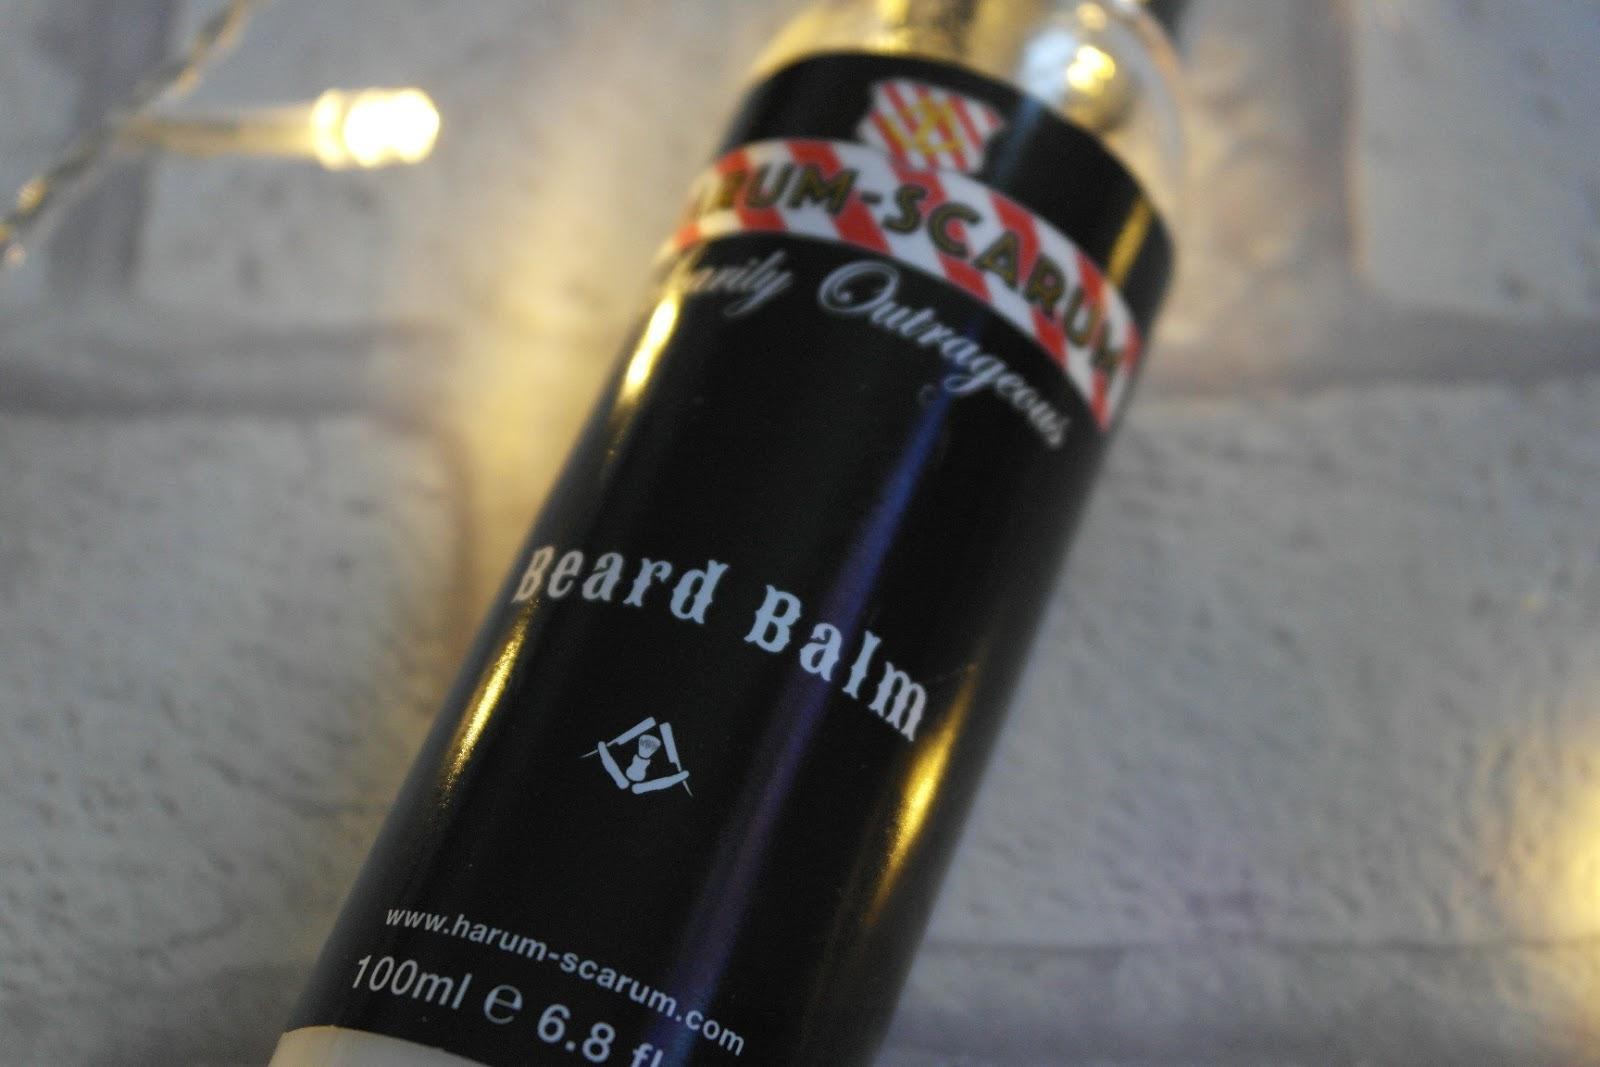 Harum Scarum Beard Balm